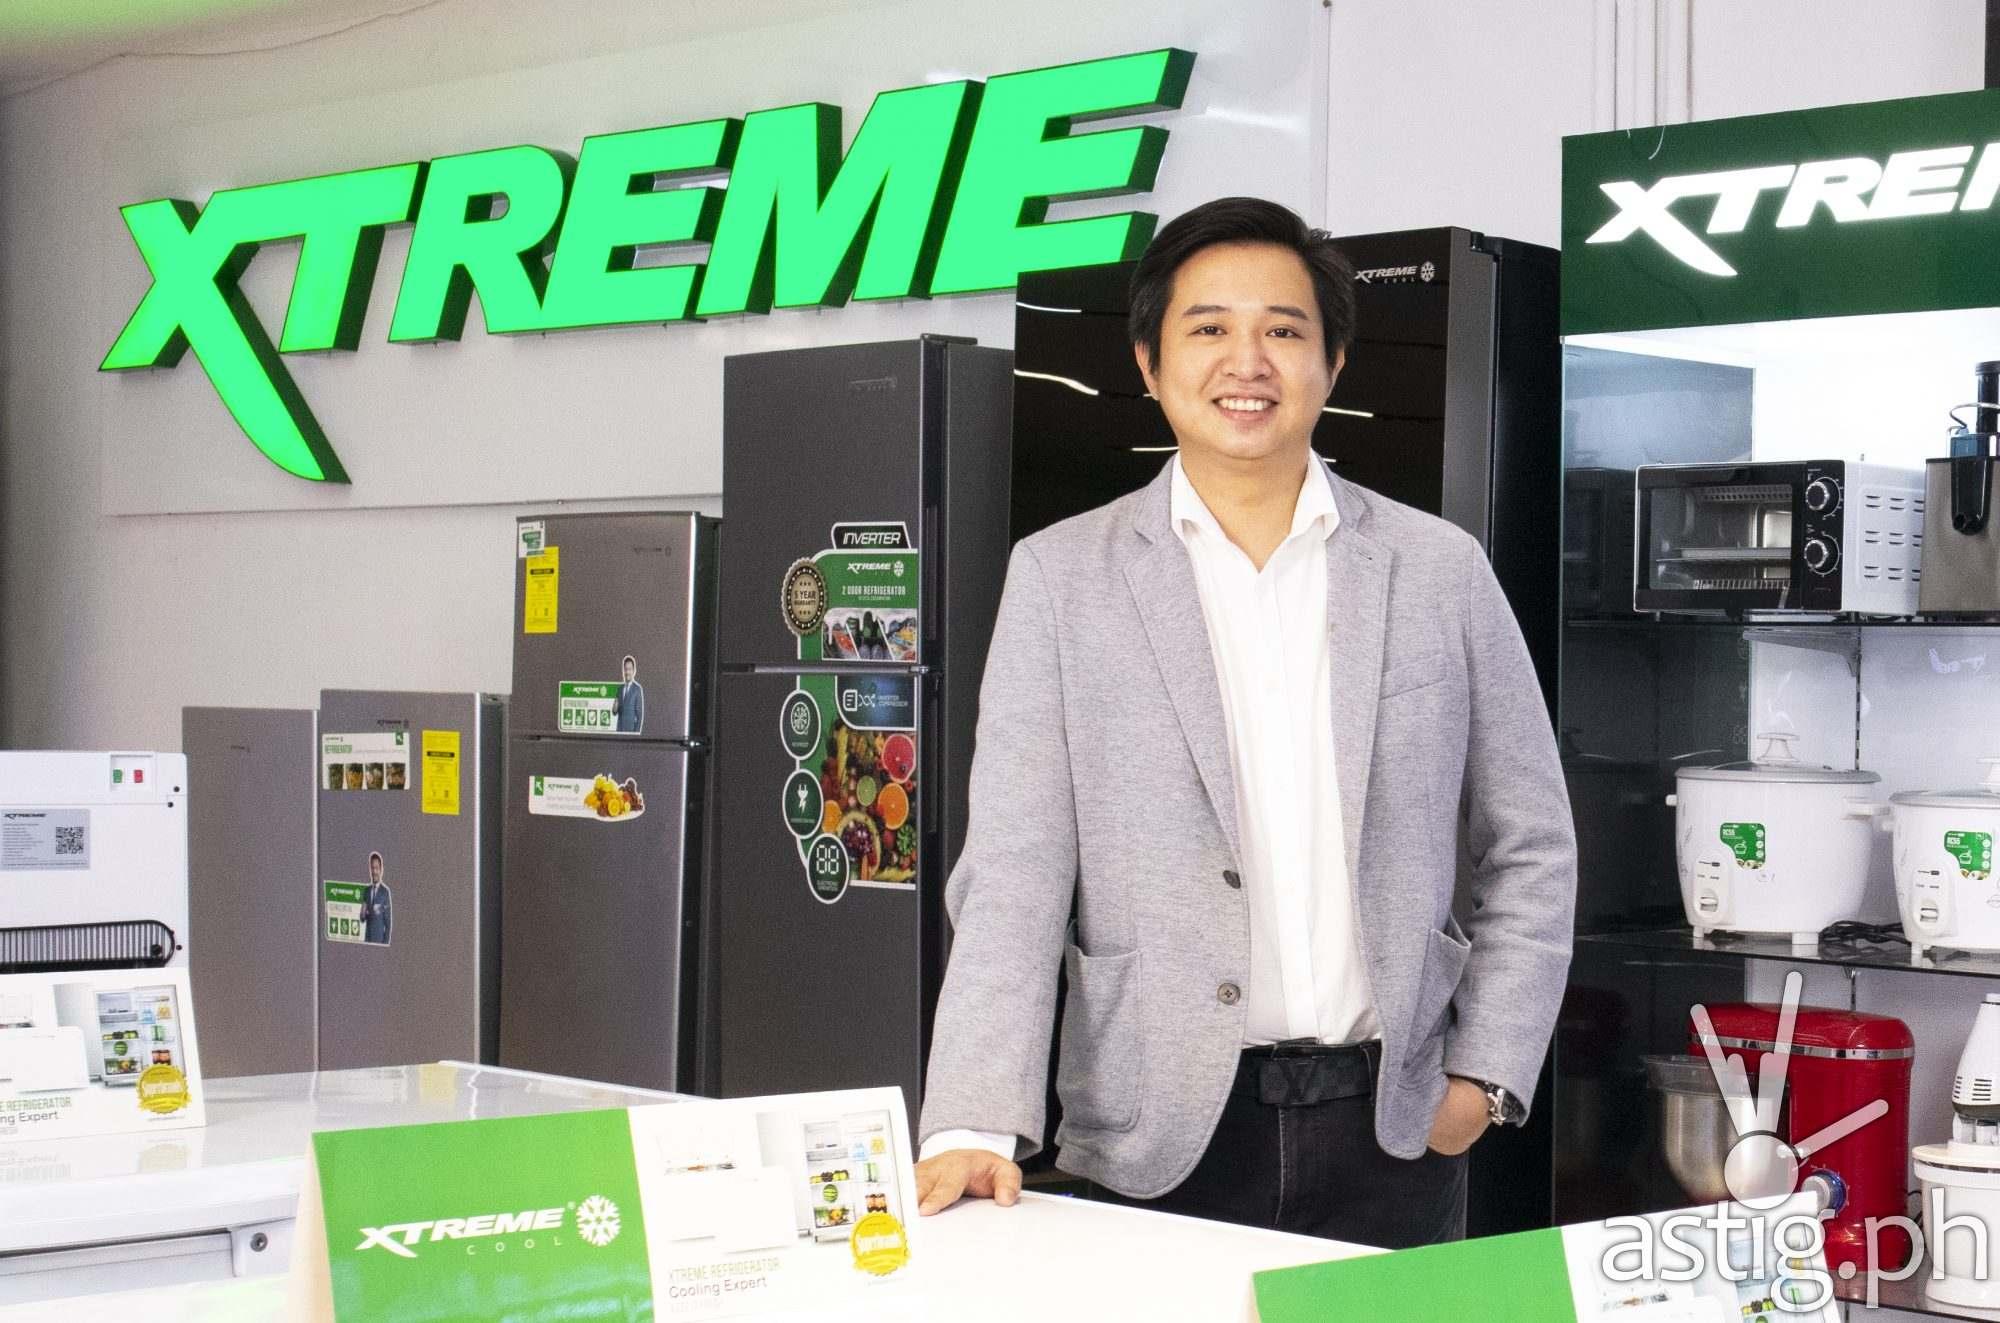 VP for Marketing Stephen Cheng